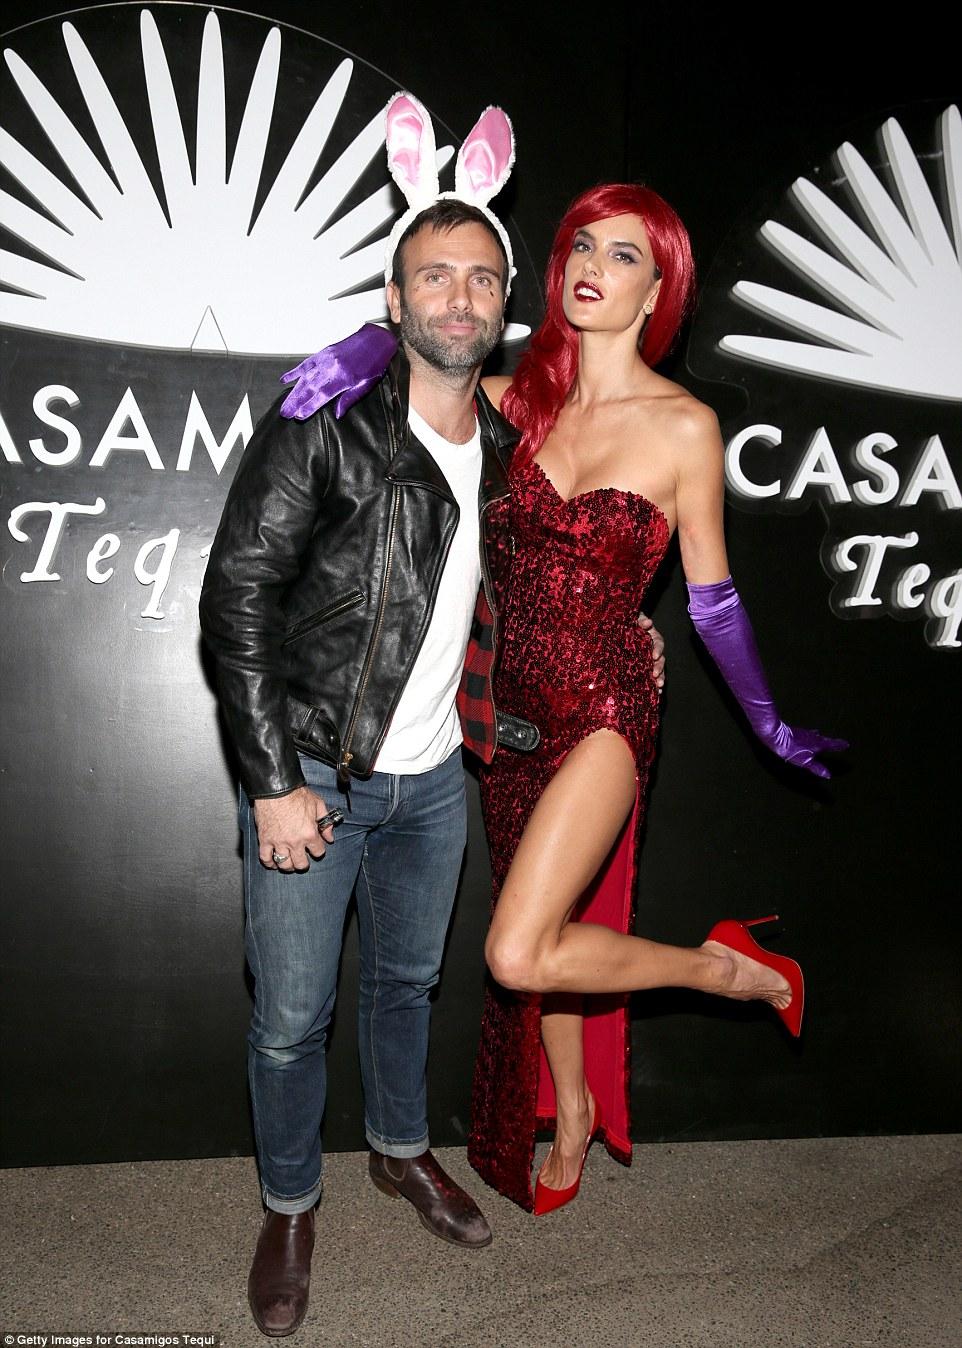 Модель Victoria's Secret Алессандра Амбросио в образе сексапильной Джессики Рэббит.